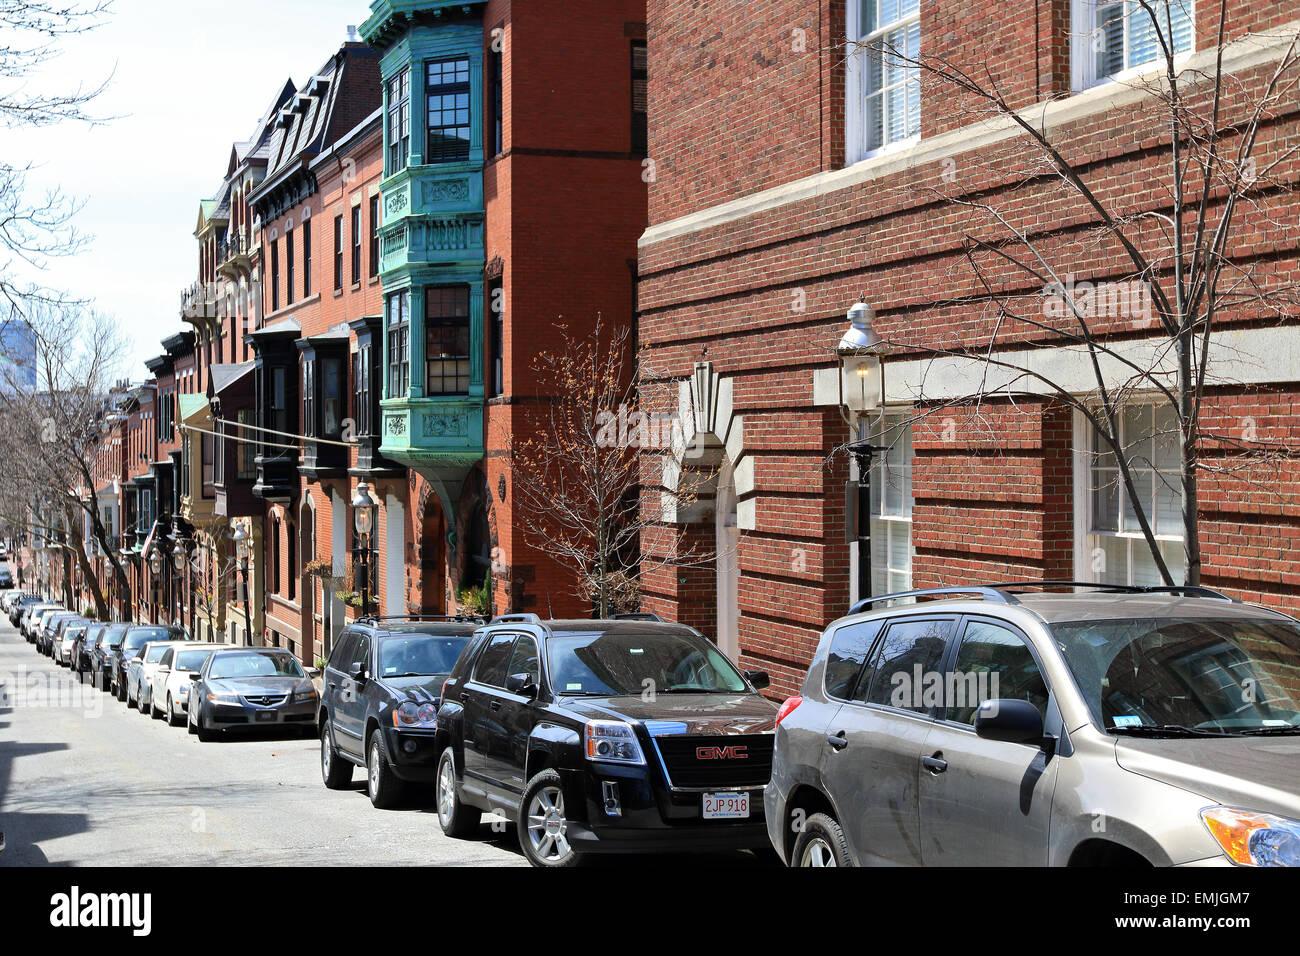 Boston Massachusetts Bunker Hill barrio apartamentos y condominios escena callejera. Imagen De Stock